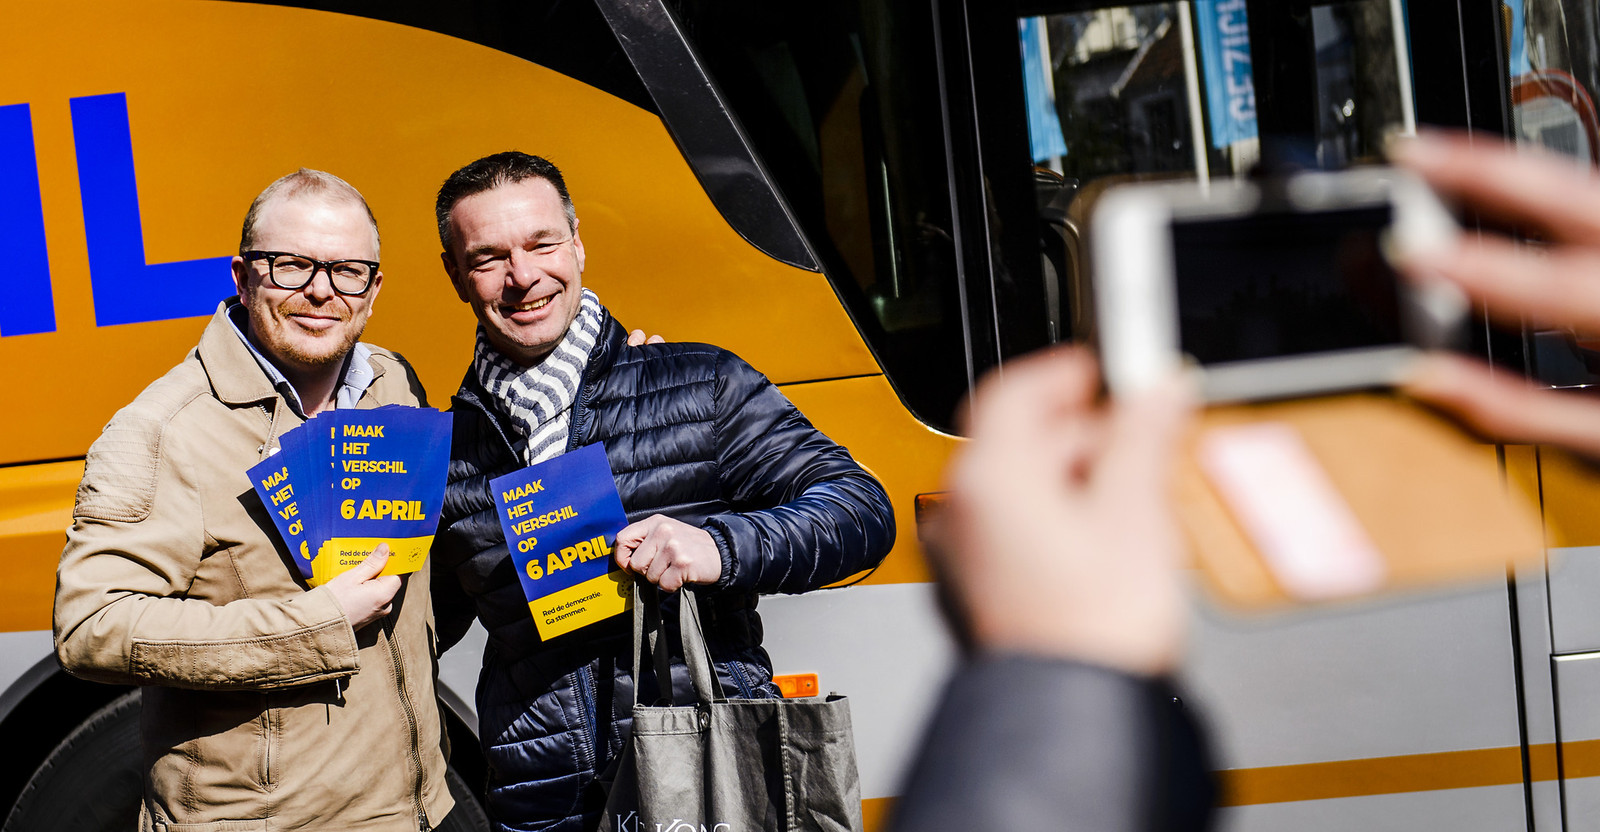 Jan Roos (links) van GeenPeil, dat zich inzette voor het referendum.